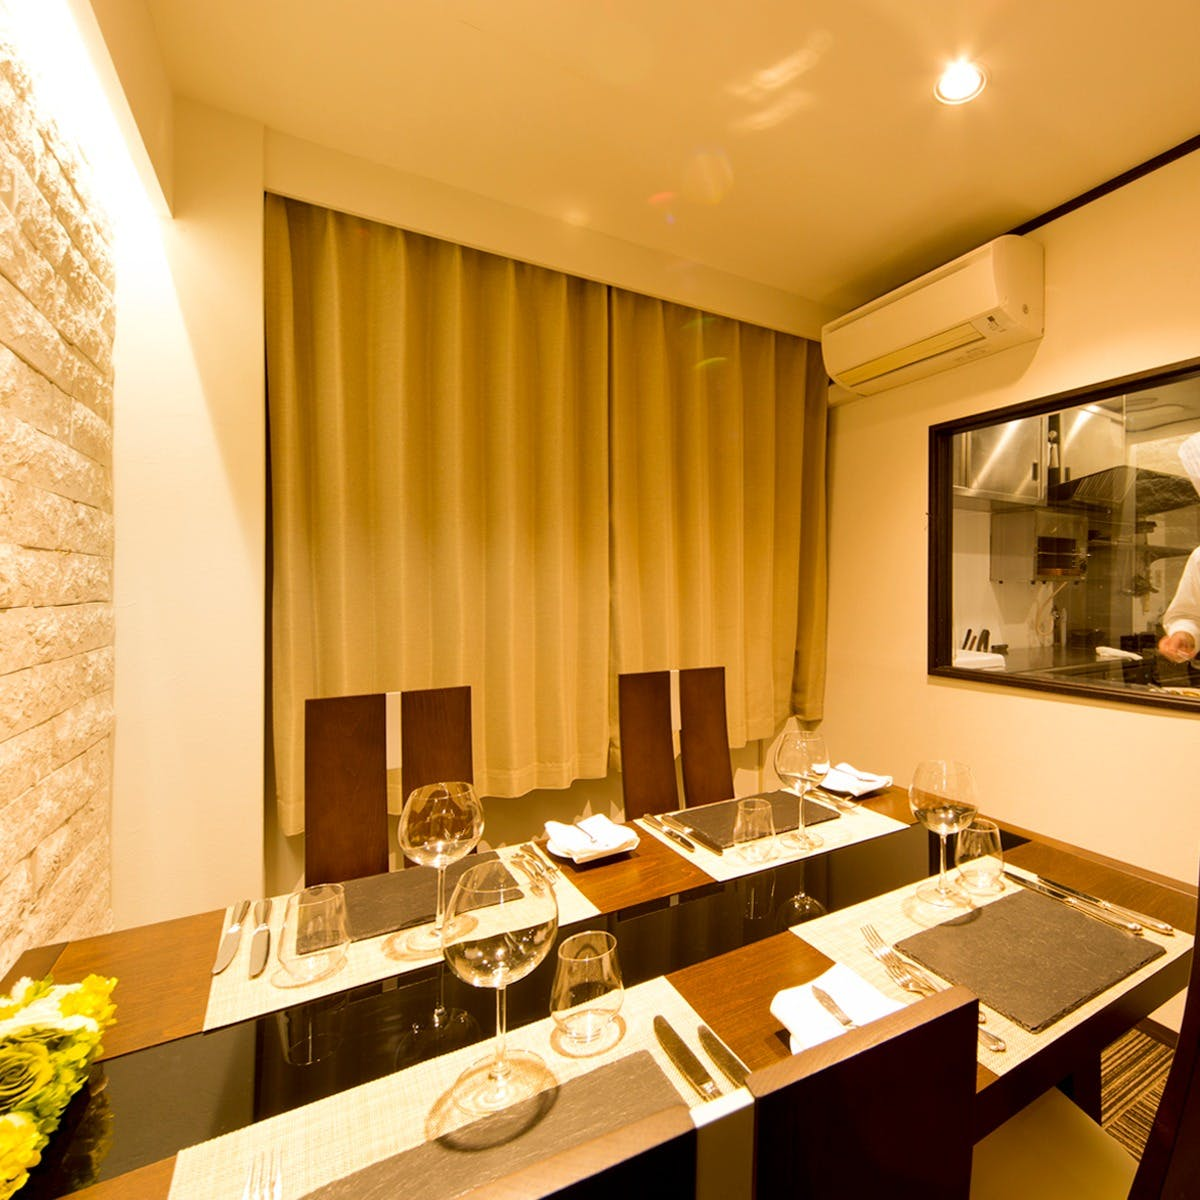 厨房が見える部屋(2名~3名席)